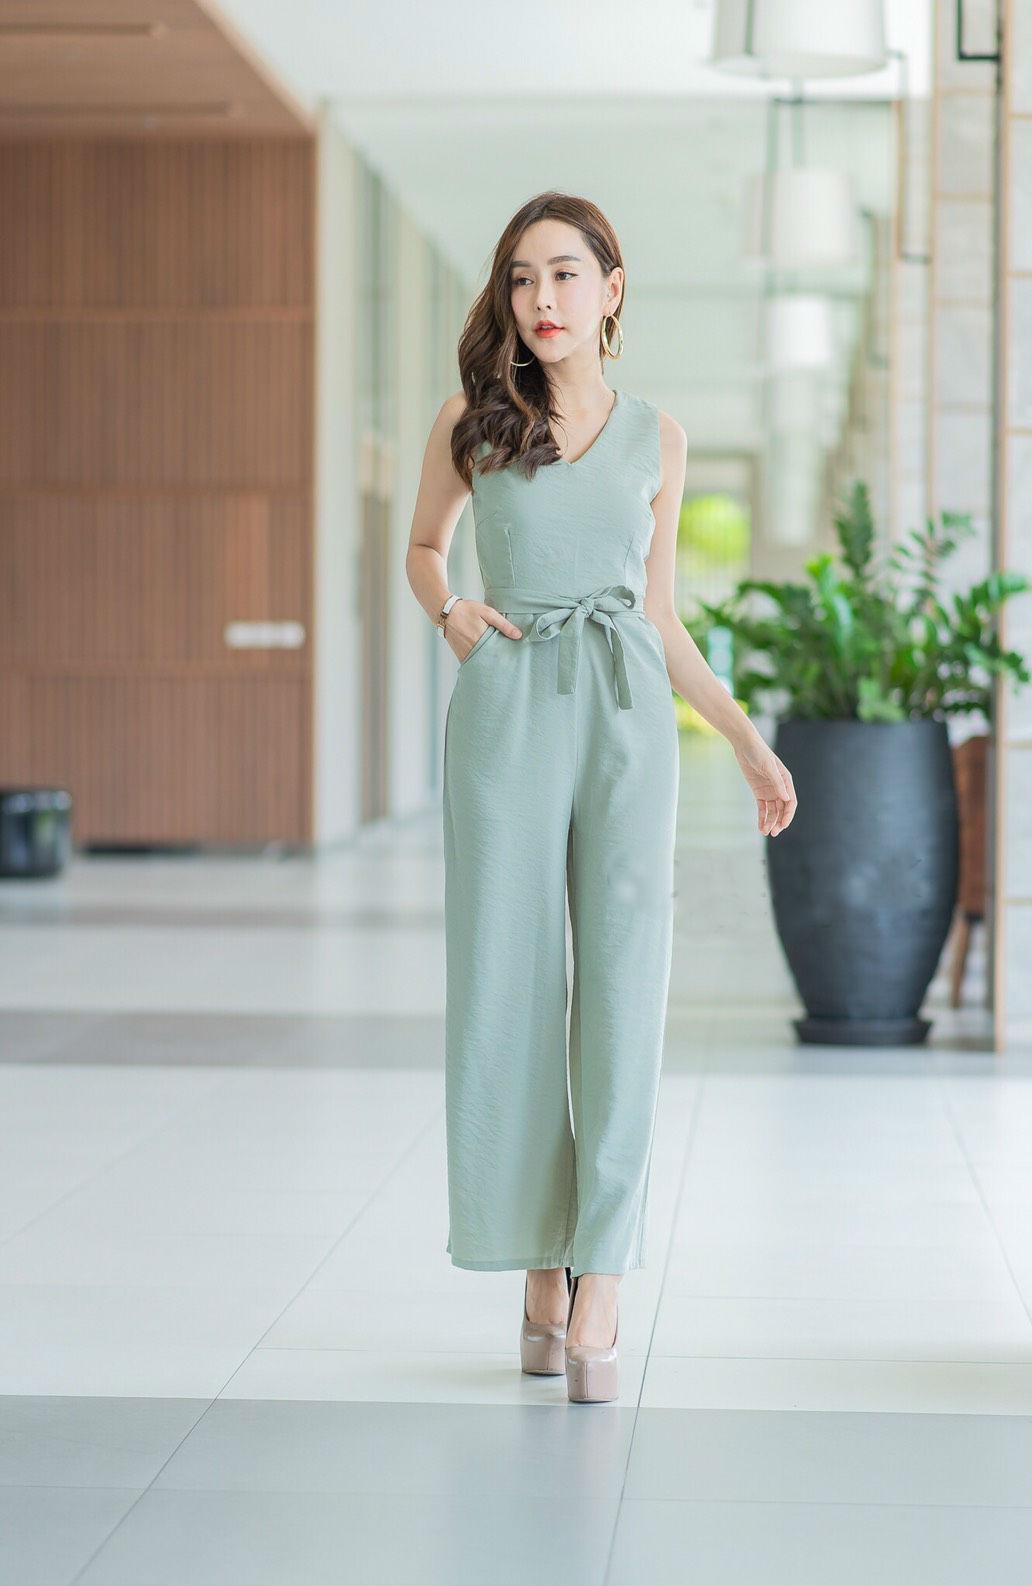 JS0040 เสื้อผ้าแฟชั่น เสื้อผ้าเกาหลี ชุดจั๊มสูท จั๊มสูทขายาว จั๊มสูทกางเกง ชุดออกงาน ชุดทำงาน จั๊มสูทแขนกุด (สีเขียว)